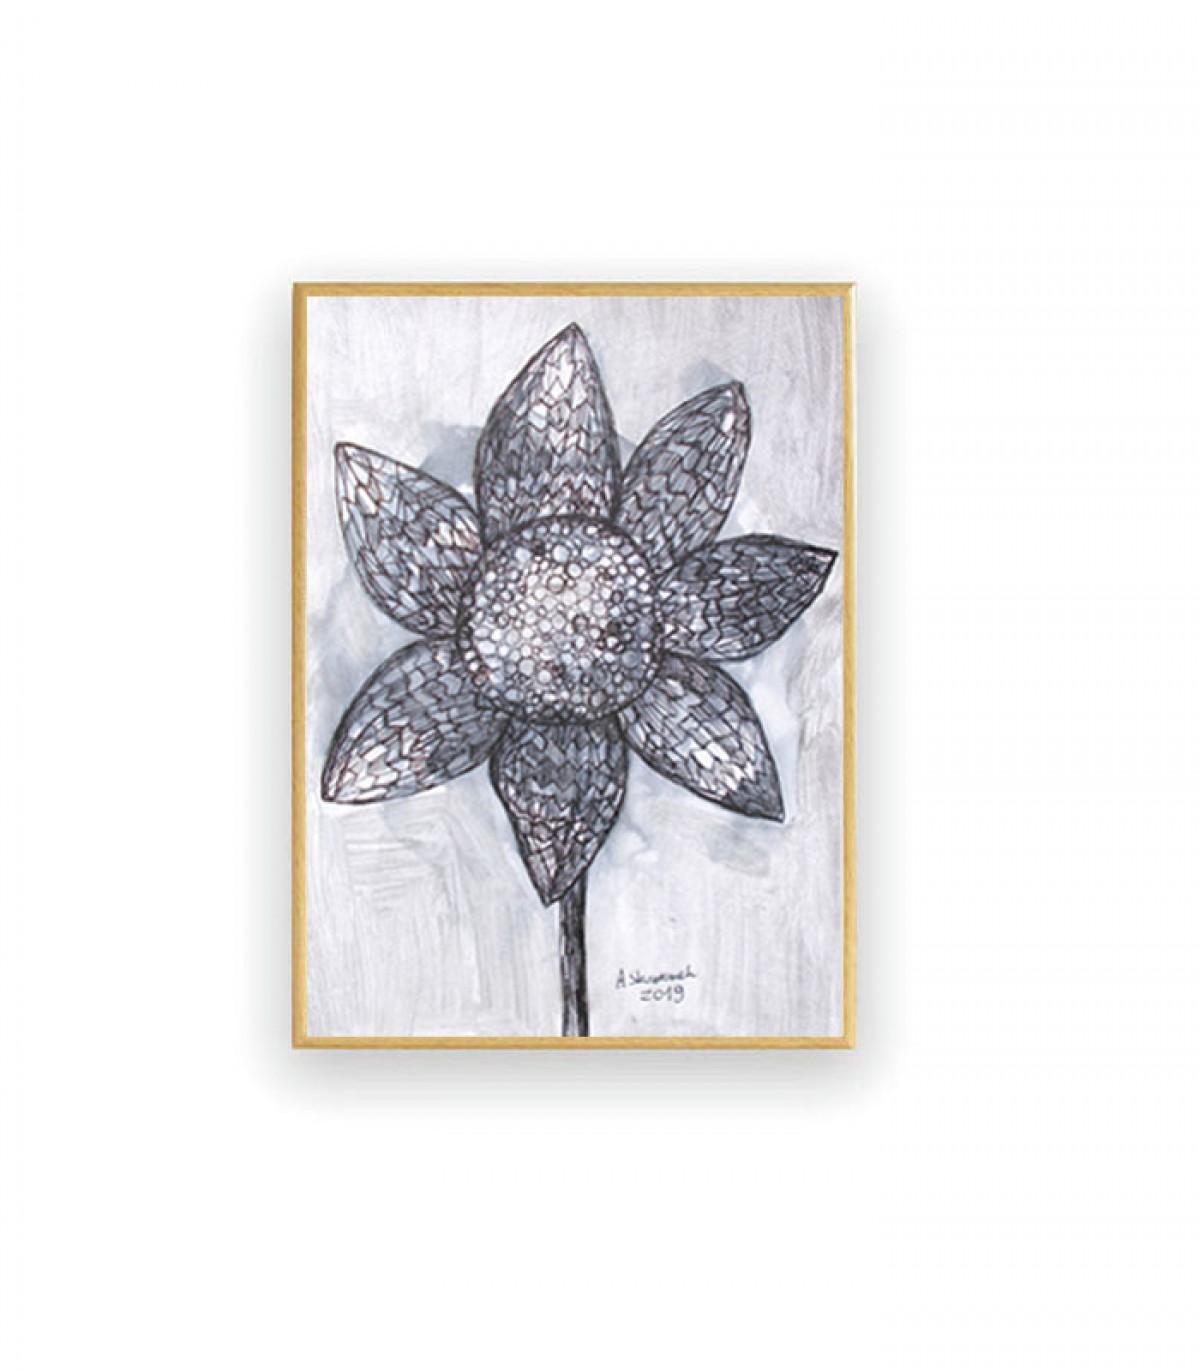 oprawiony rysunek, malowany ręcznie obrazek, czarno-biała grafika